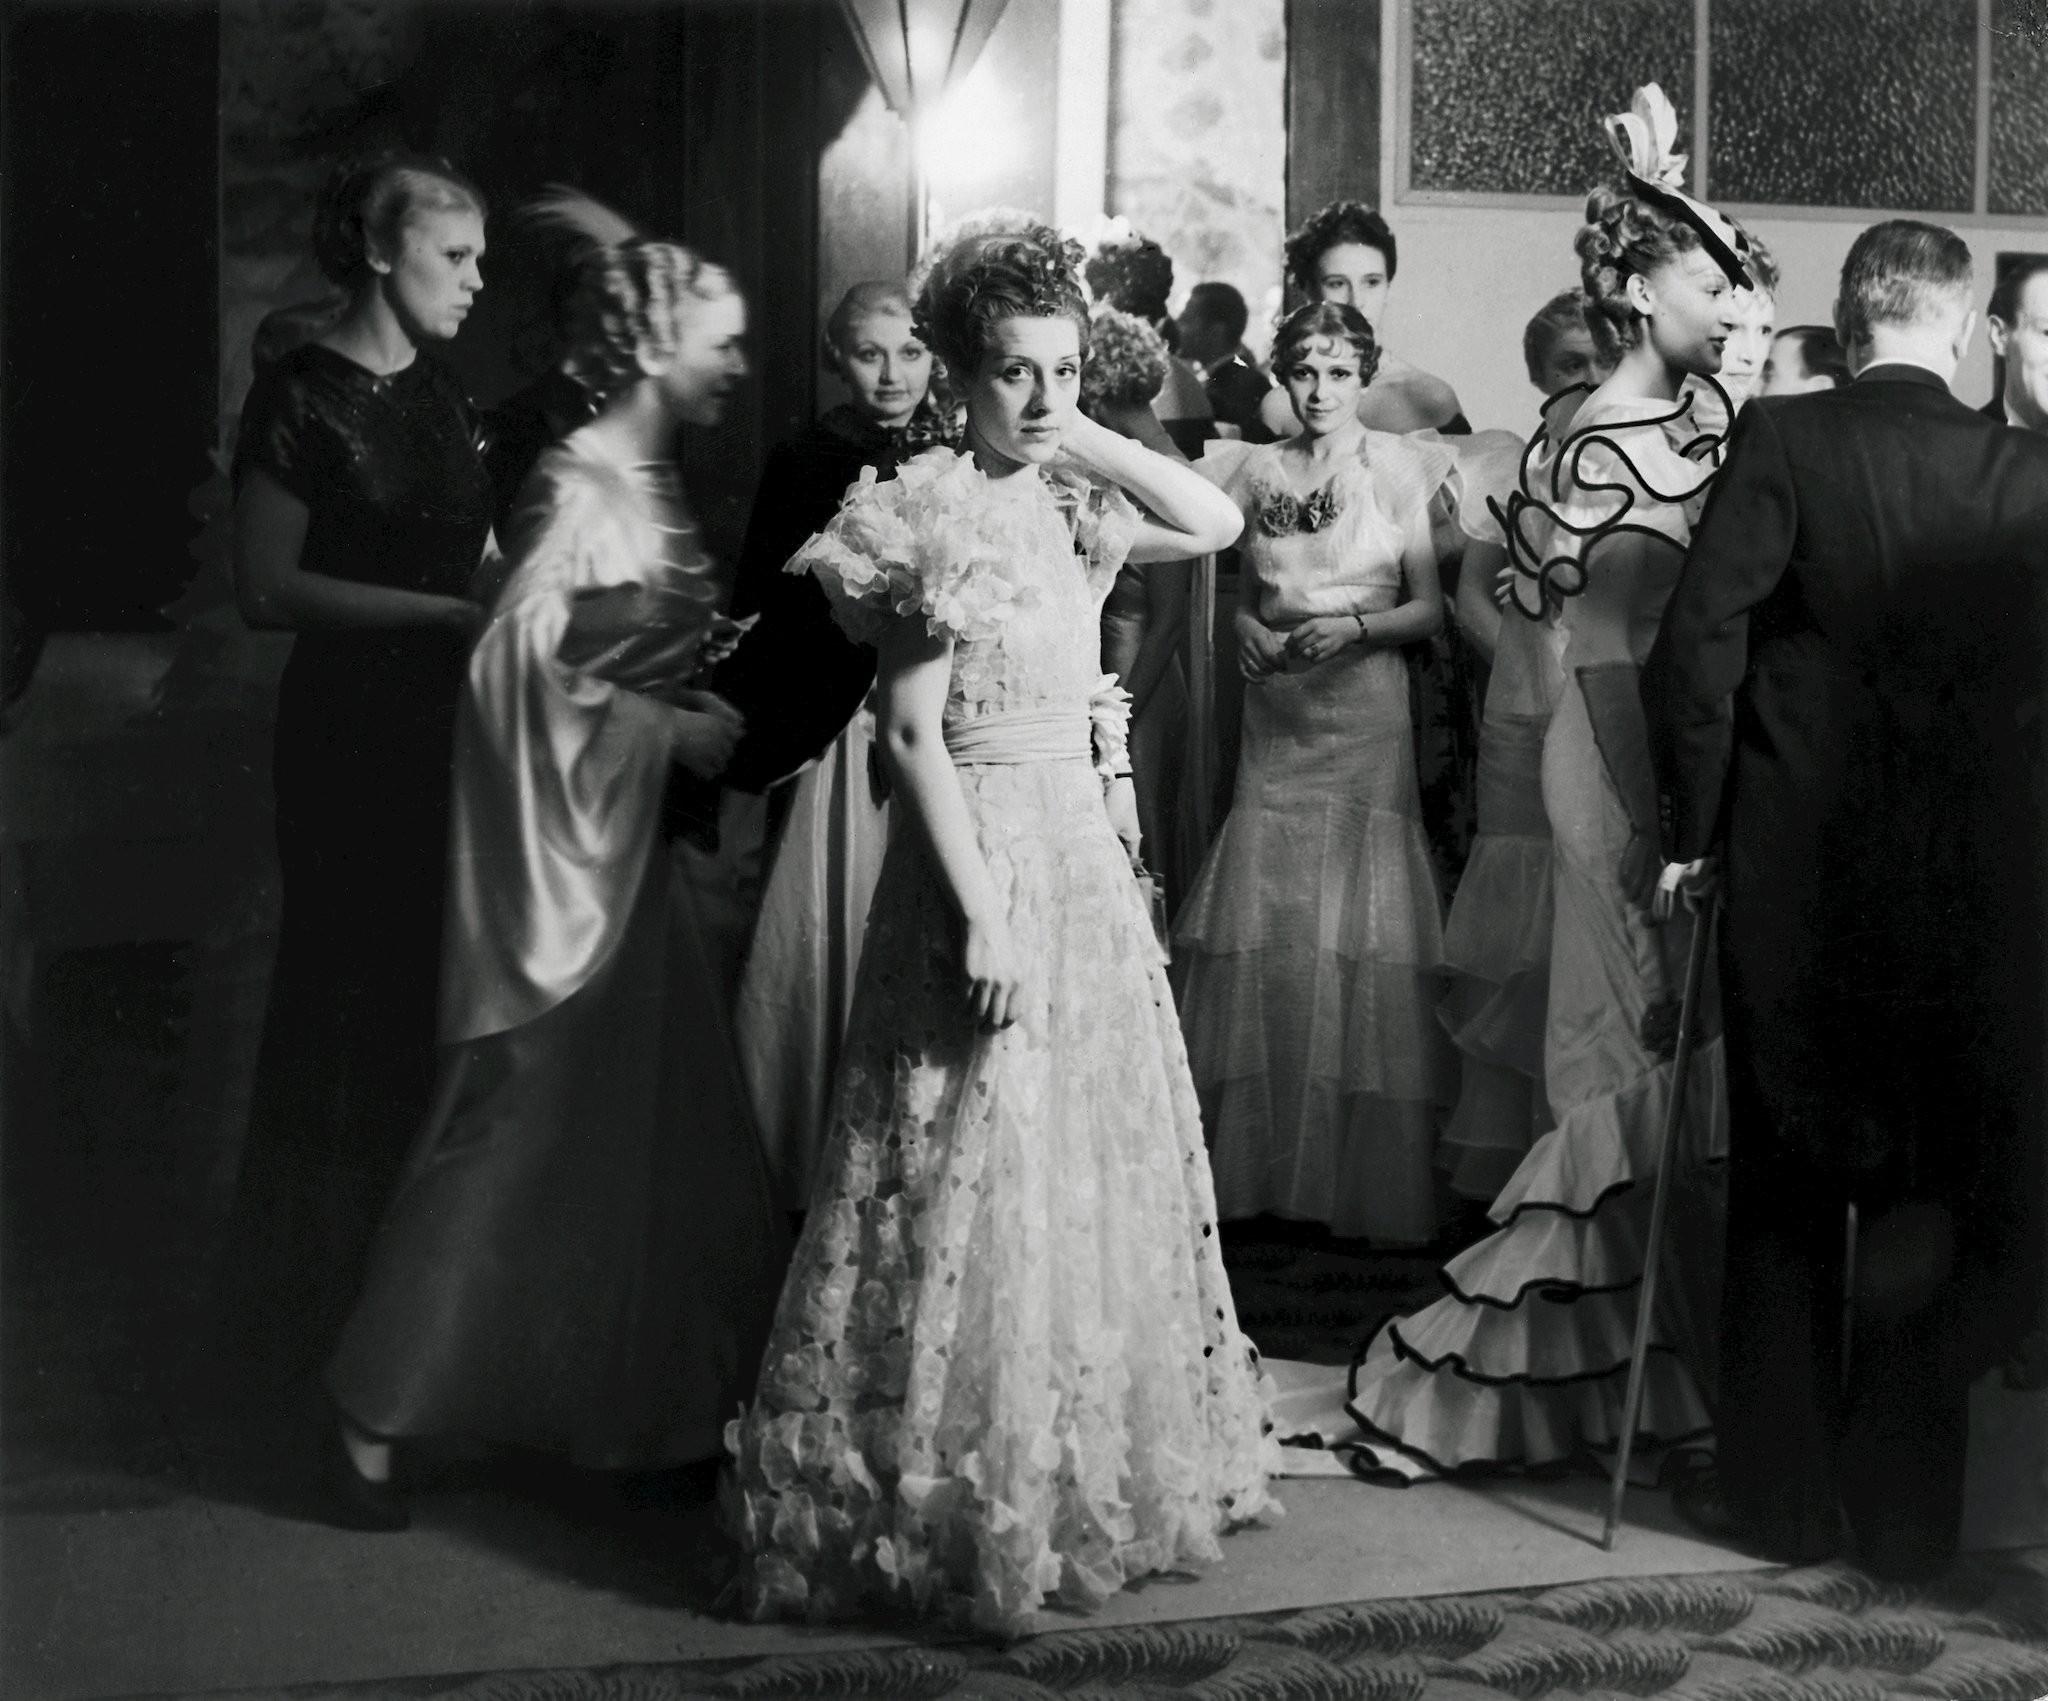 Вечер высокой моды, 1935. Фотограф Брассаи